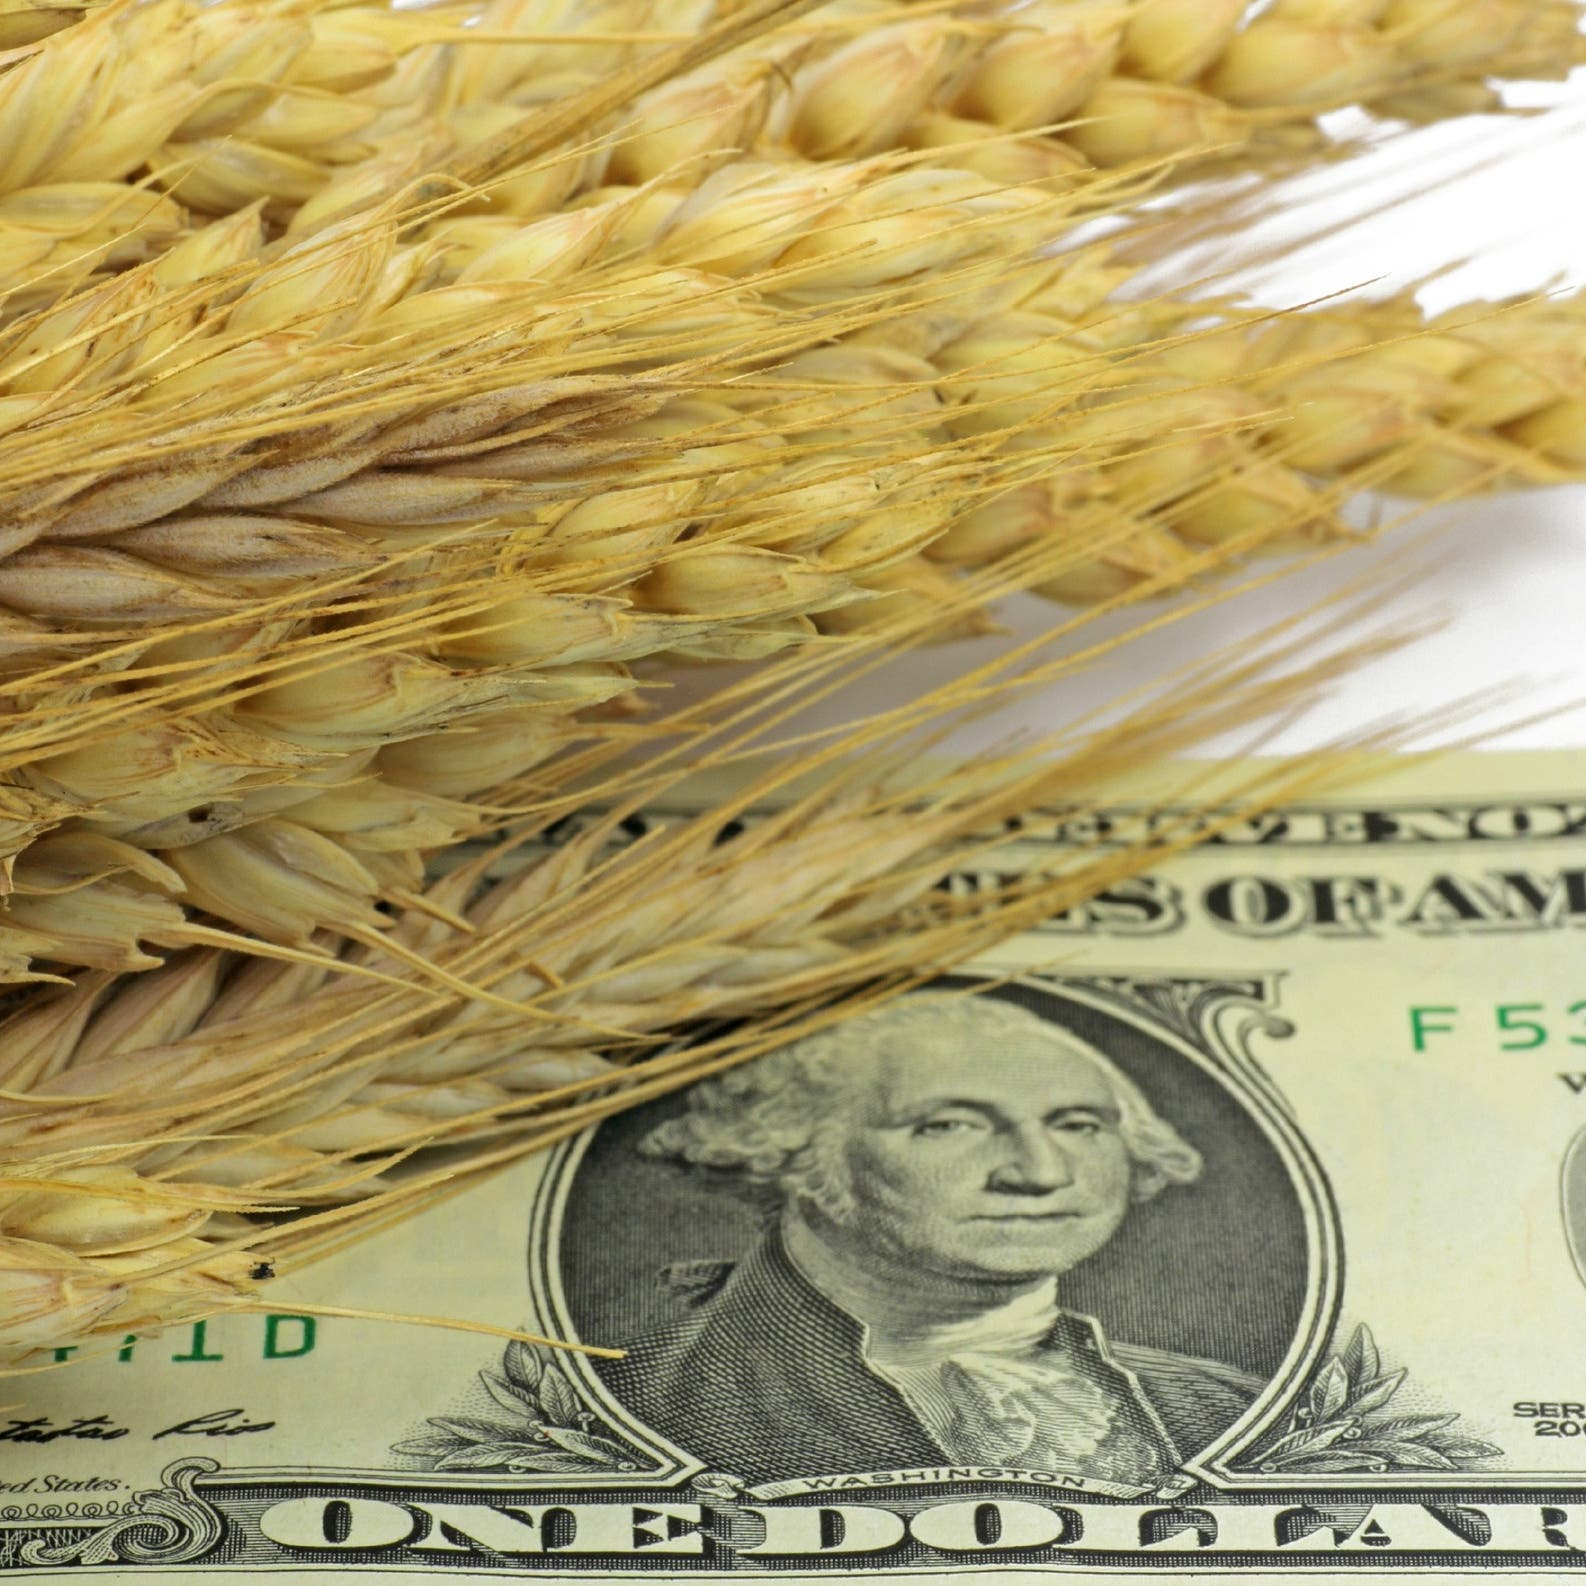 أسعار الغذاء تحقق قفزات مستمرة على مدار 12 شهرا متواصلا